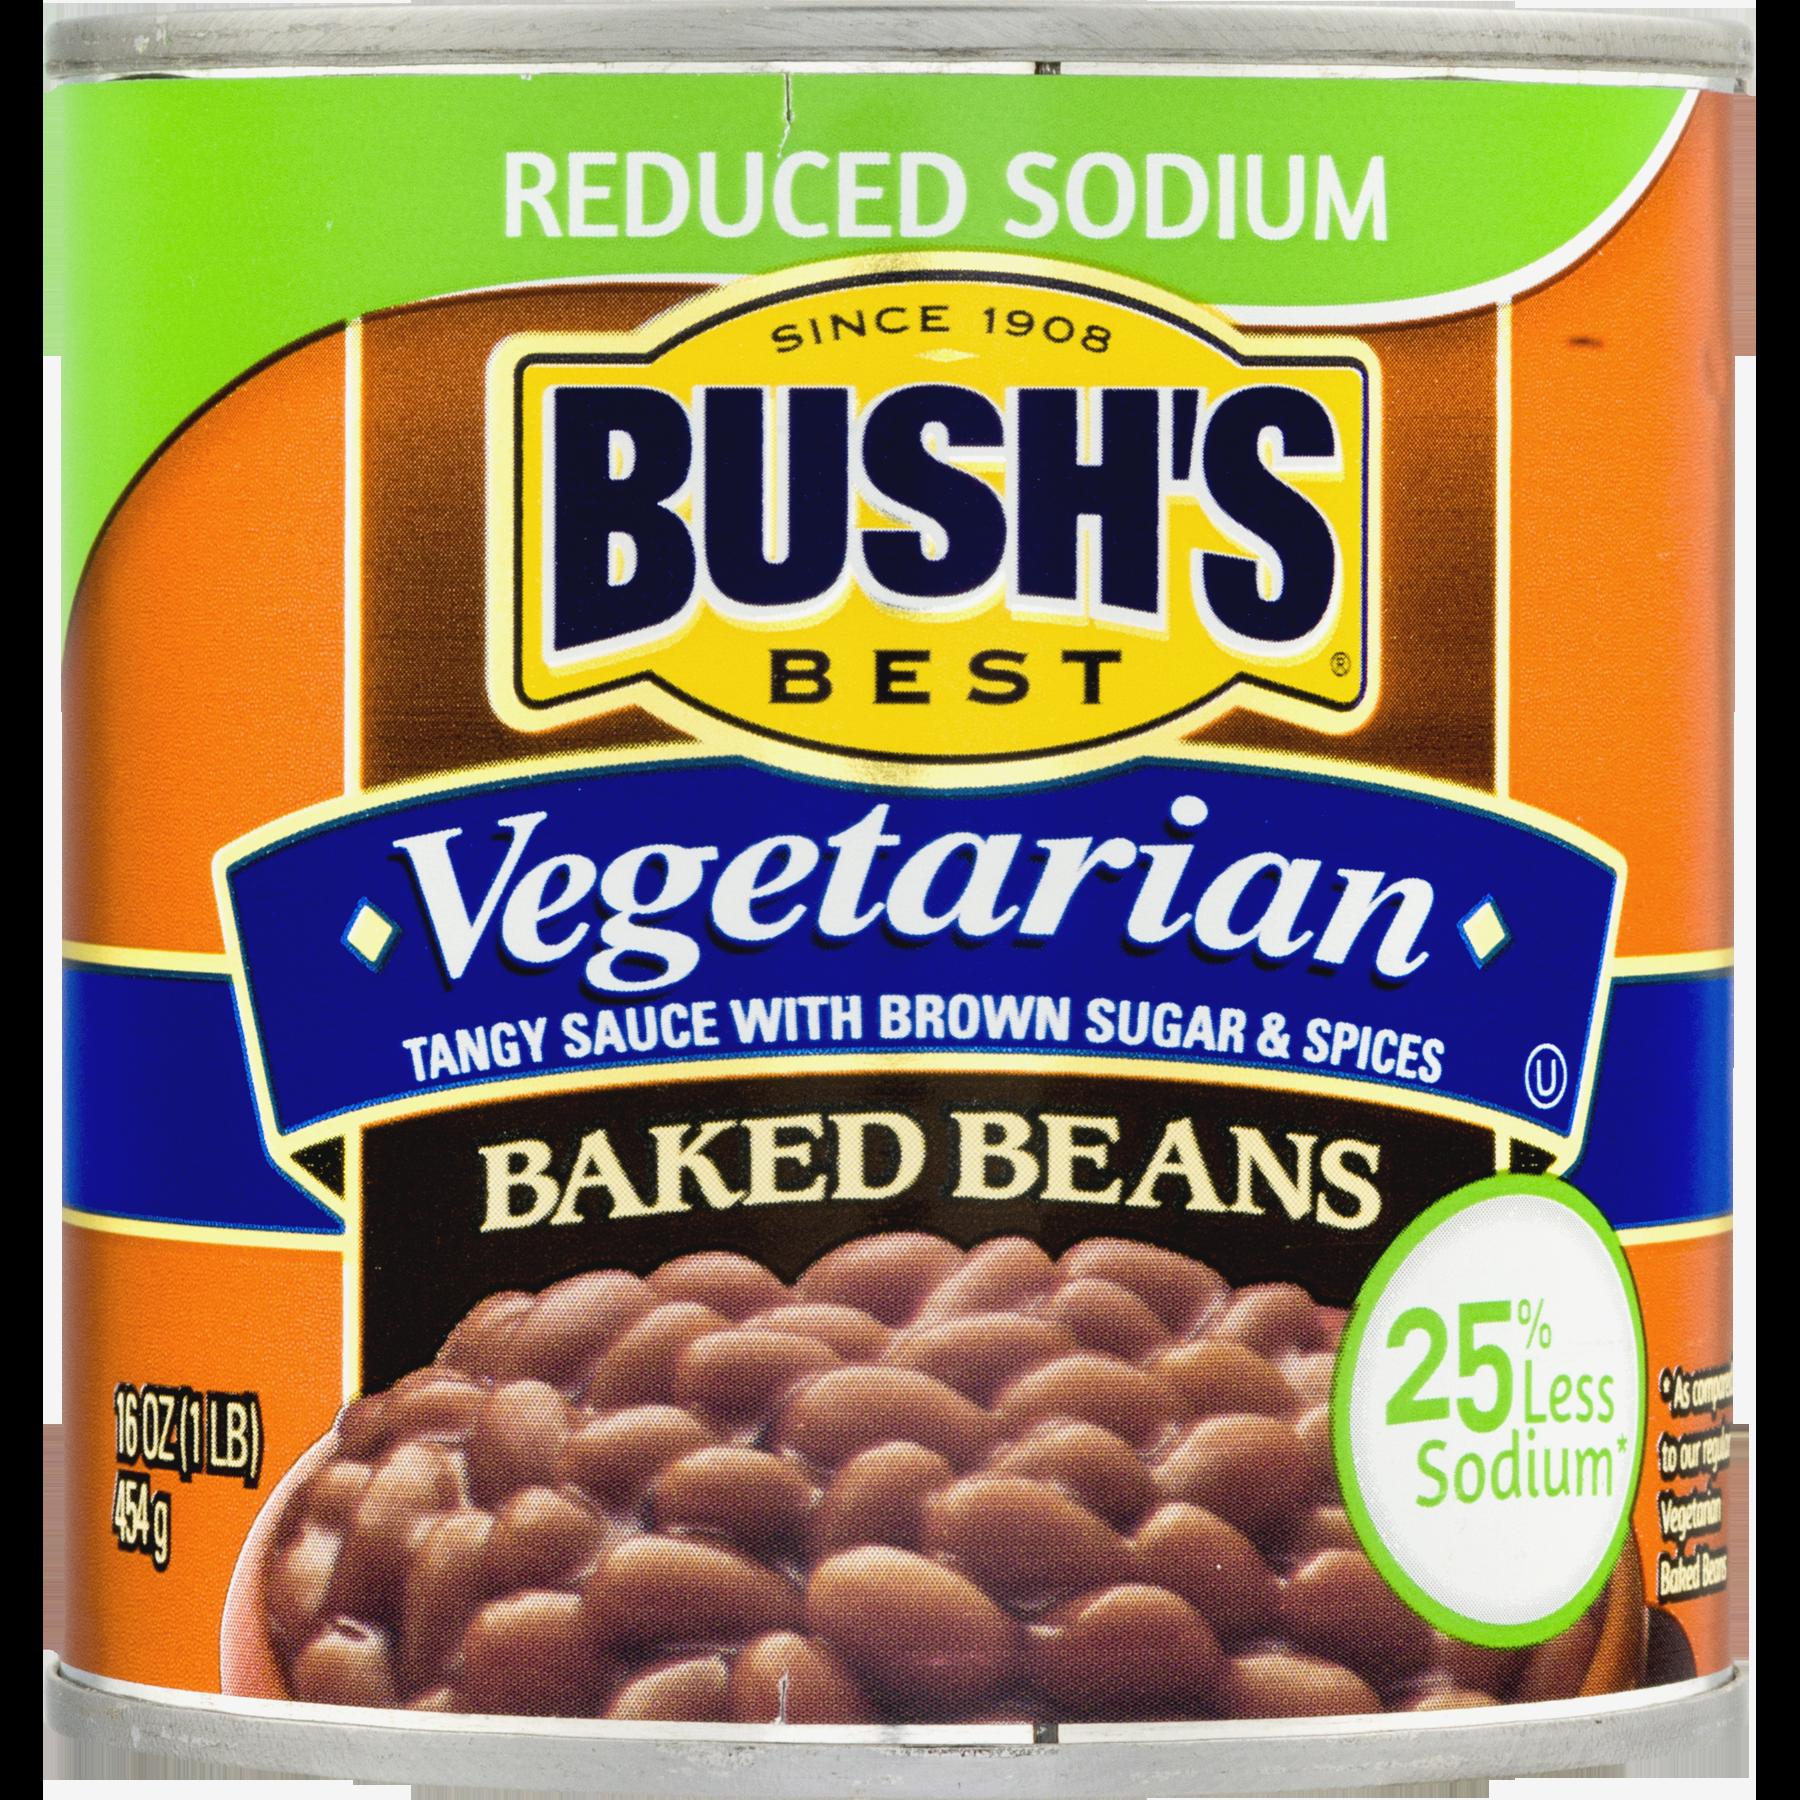 Bush S Best Reduced Sodium Vegetarian Baked Beans 16 Oz Vegetarian Bake Vegetarian Baked Beans Baked Beans